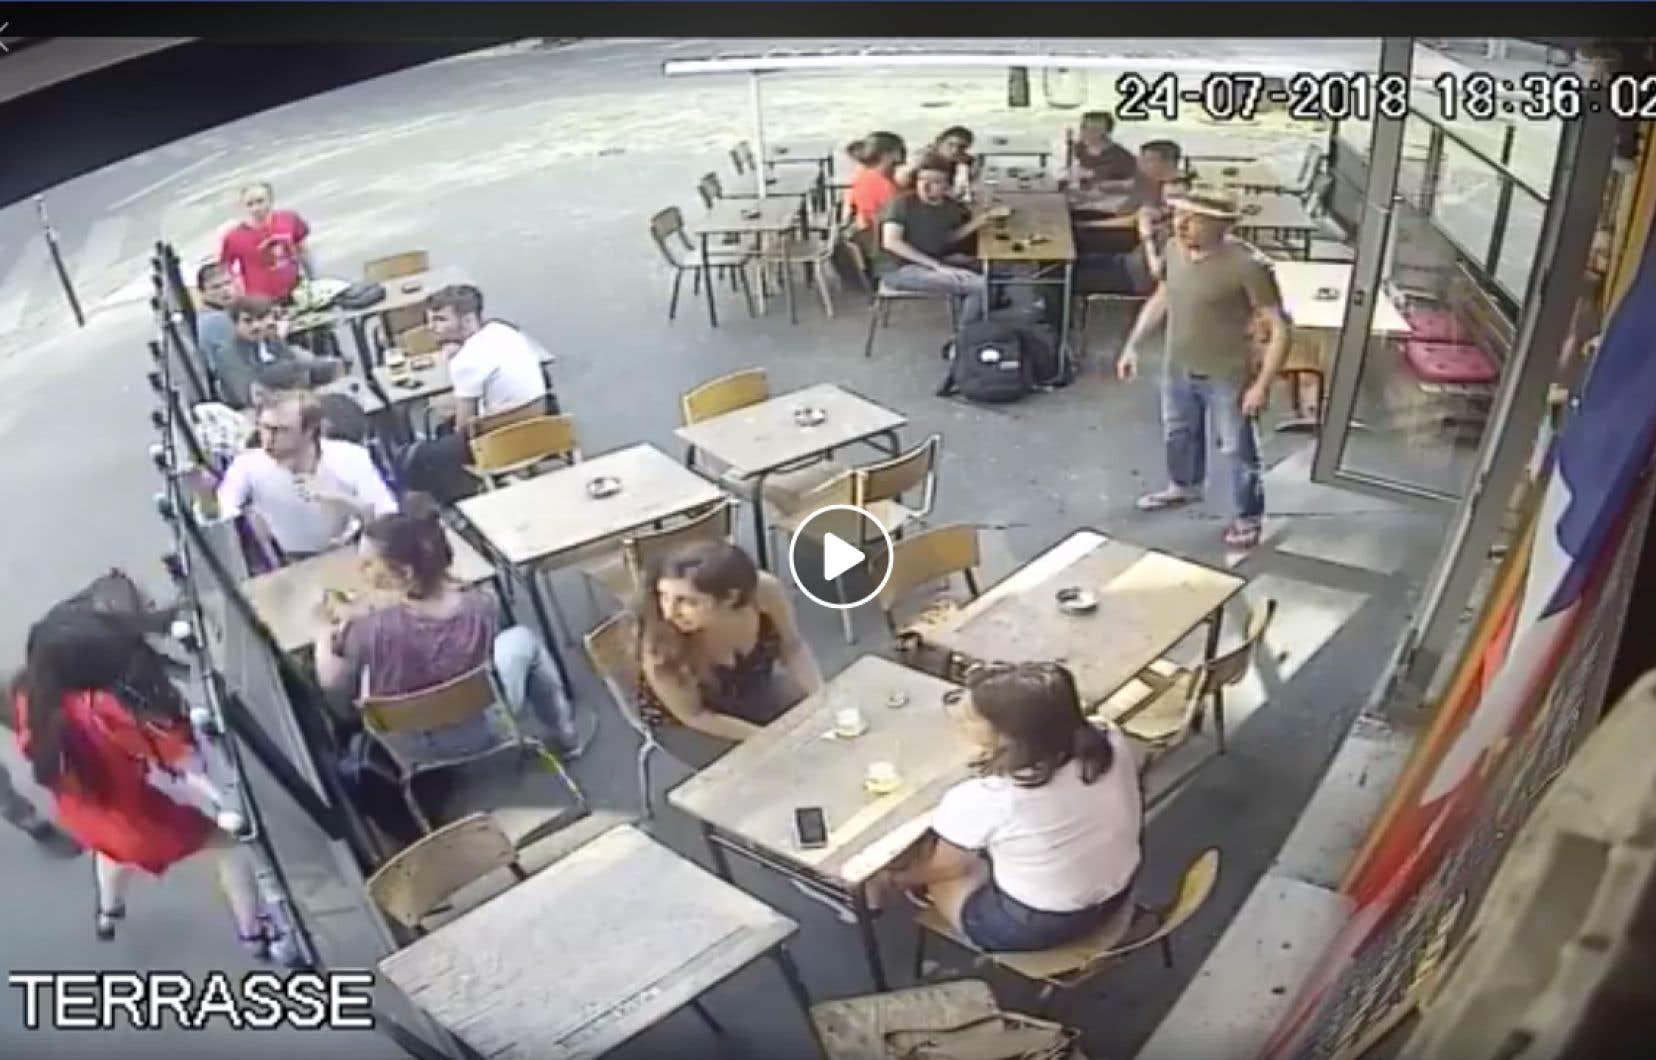 La vidéo de surveillance montre Marie Laguerre, 22 ans, être frappée «au visage en pleine rue, en pleine journée, devant des dizaines de témoins».